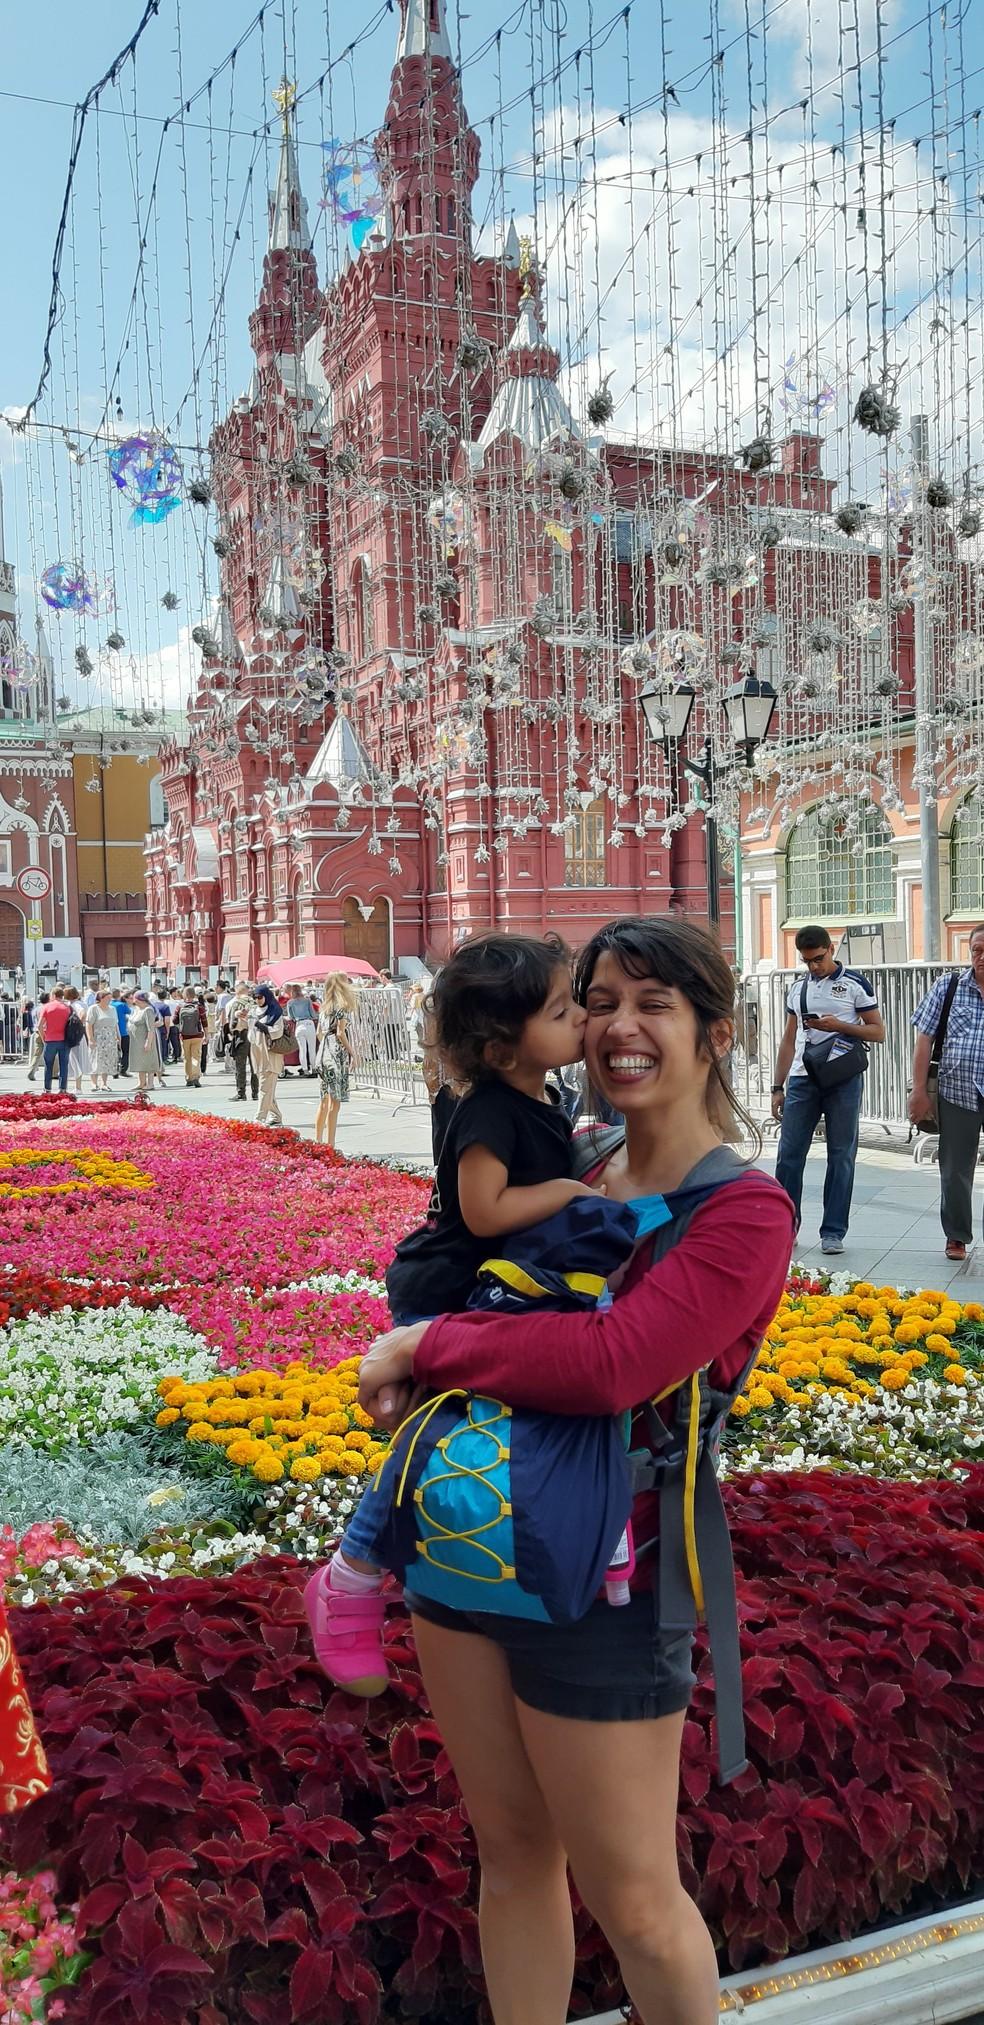 Gabriela e Olívia em Moscou, na Rússia. — Foto: Arquivo pessoal/Gabriela Antunes